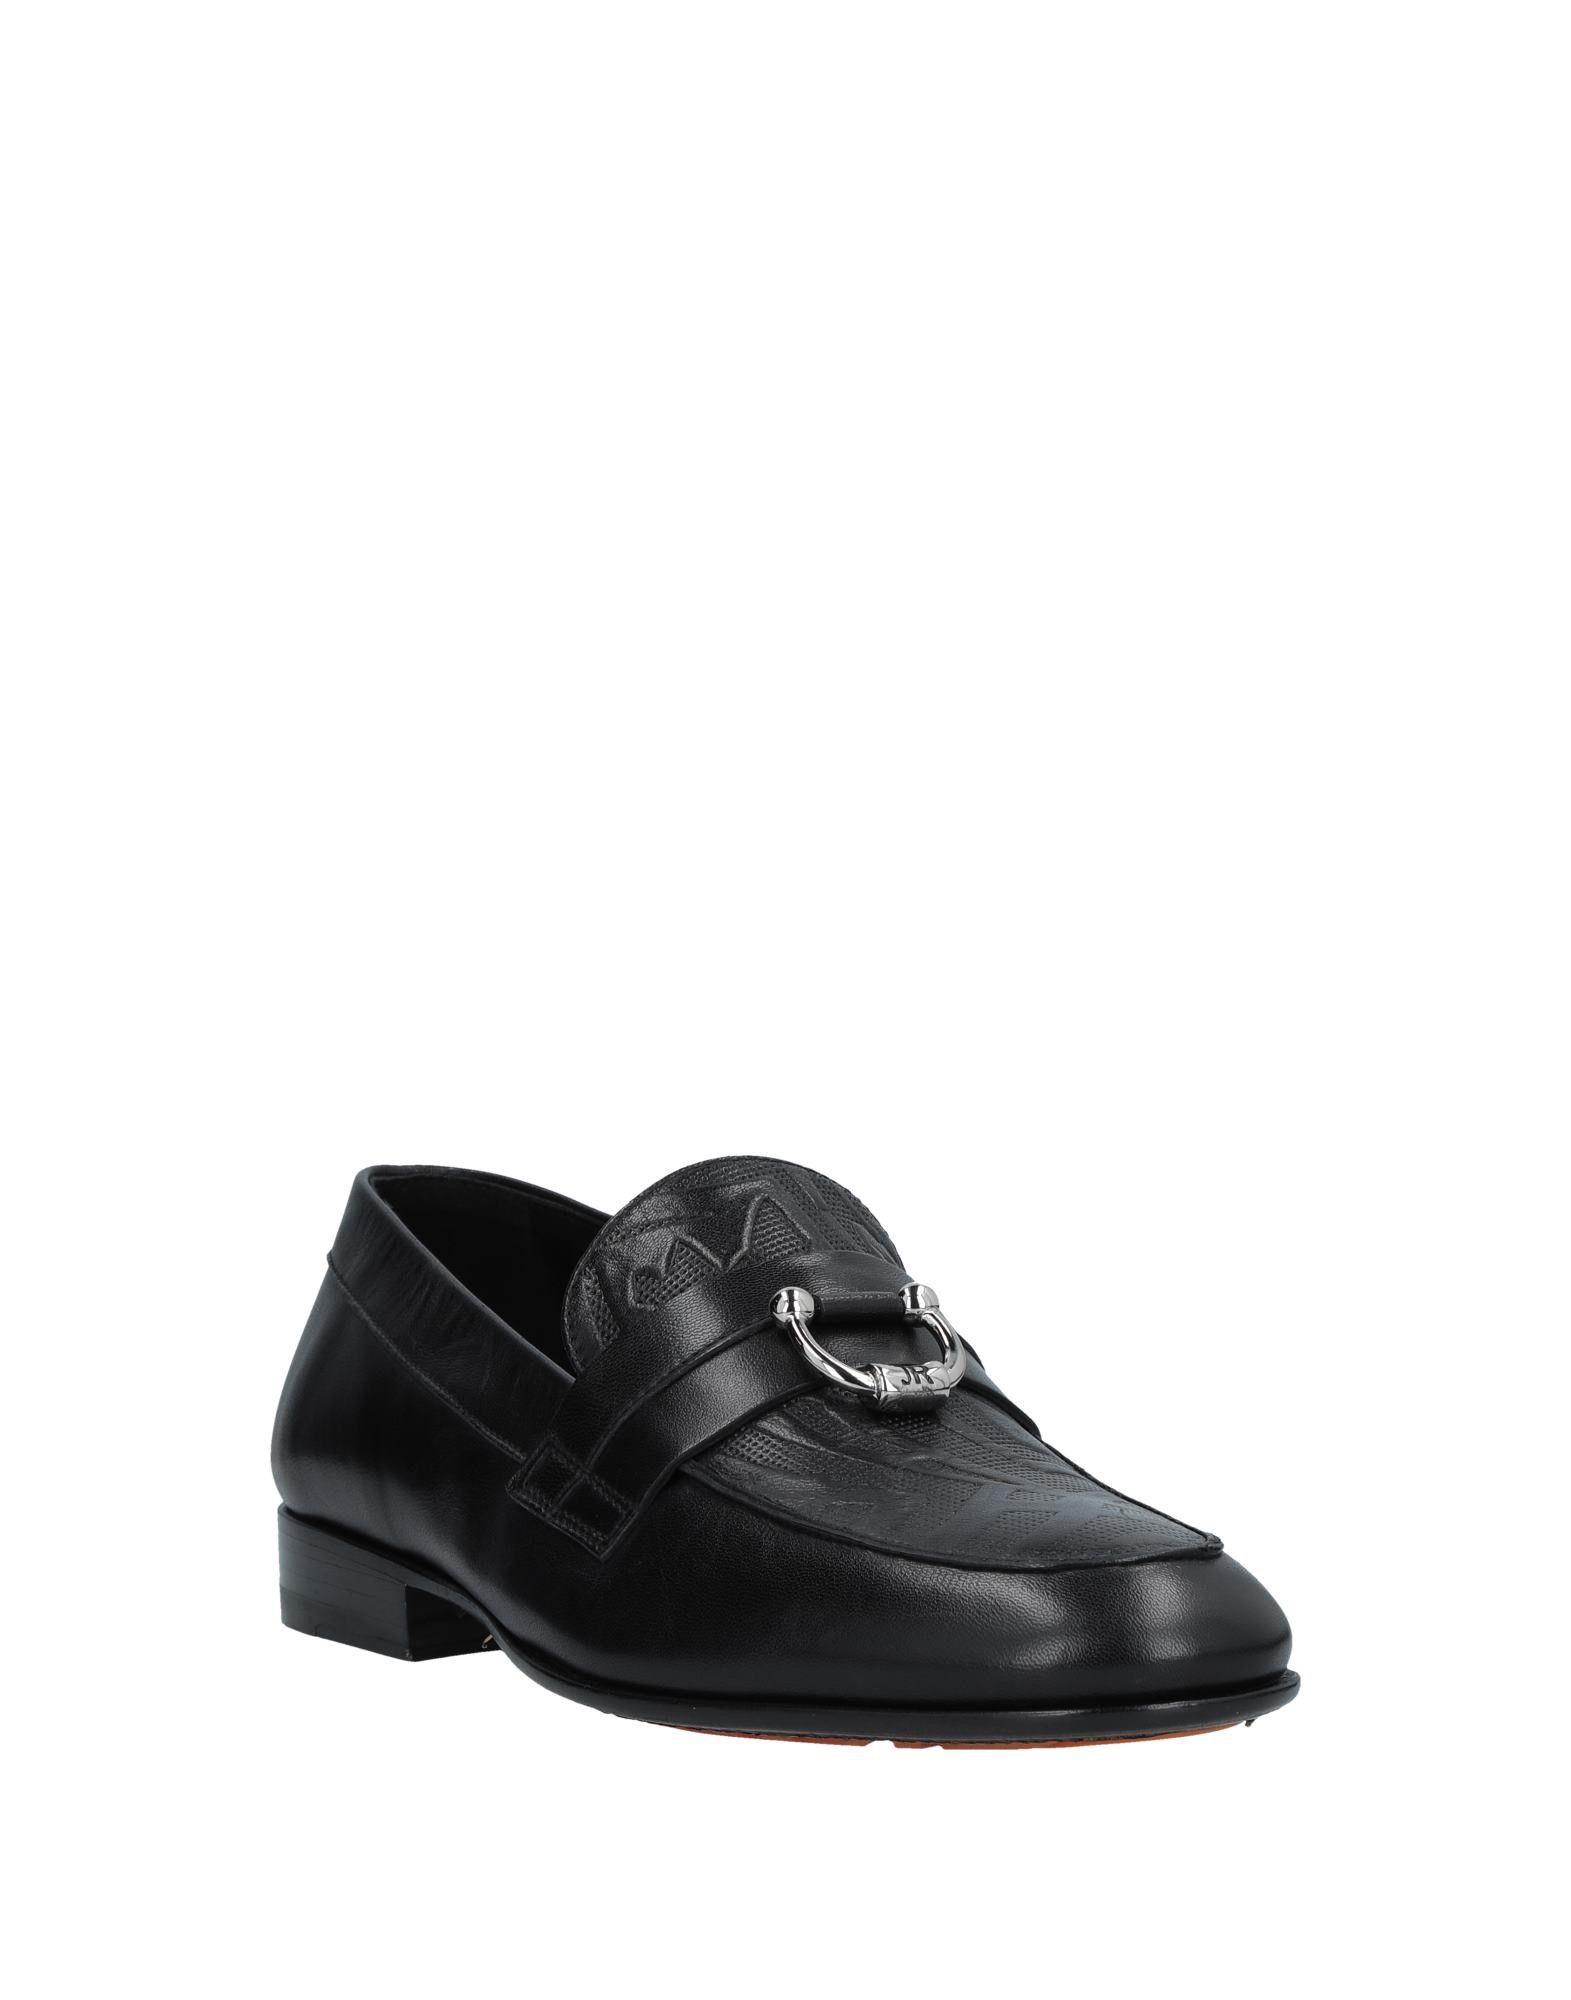 John Richmond Mokassins Herren  Schuhe 11530582CO Gute Qualität beliebte Schuhe  2f7627